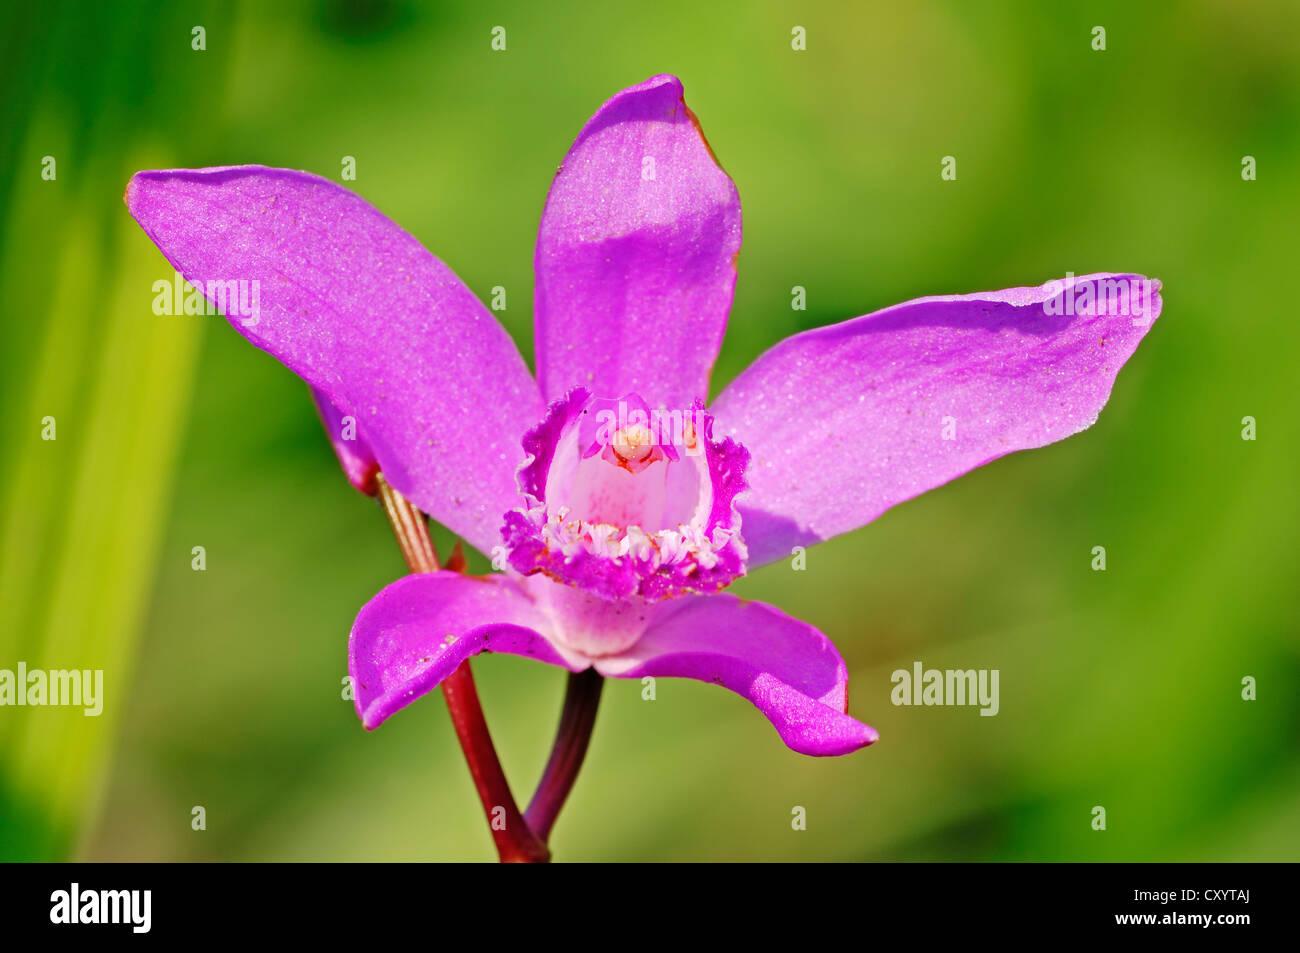 Bletilla Photos & Bletilla Images - Alamy